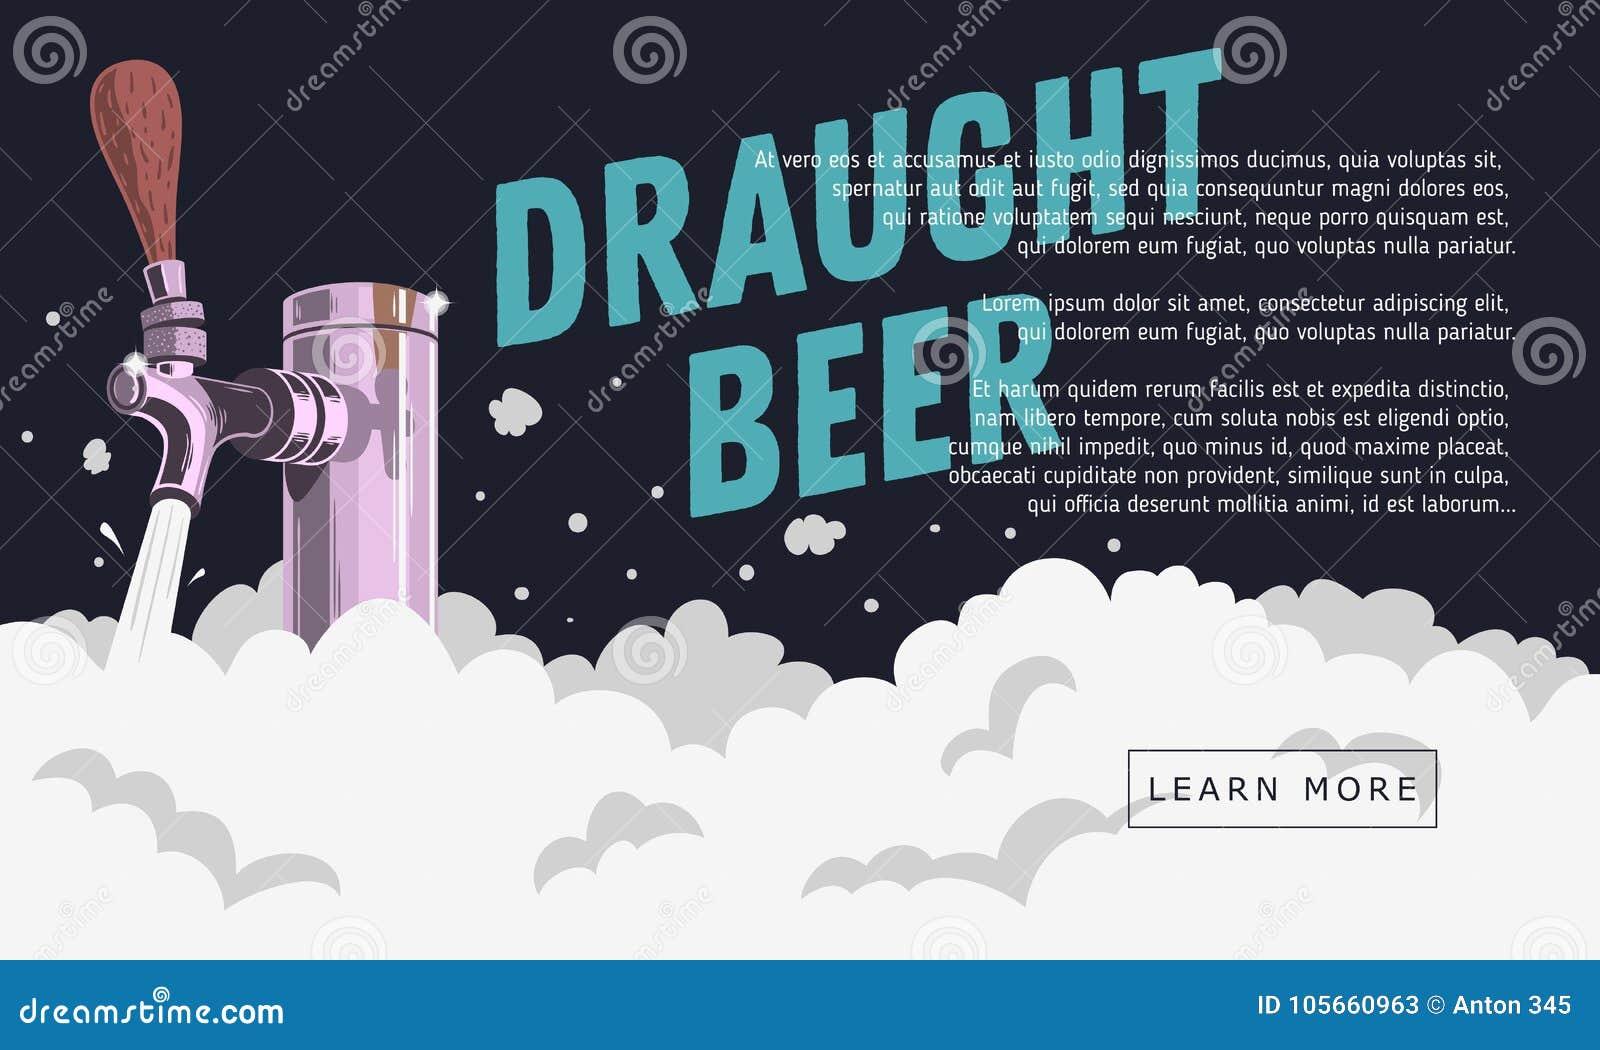 草稿与泡沫网横幅设计的桶装啤酒轻拍